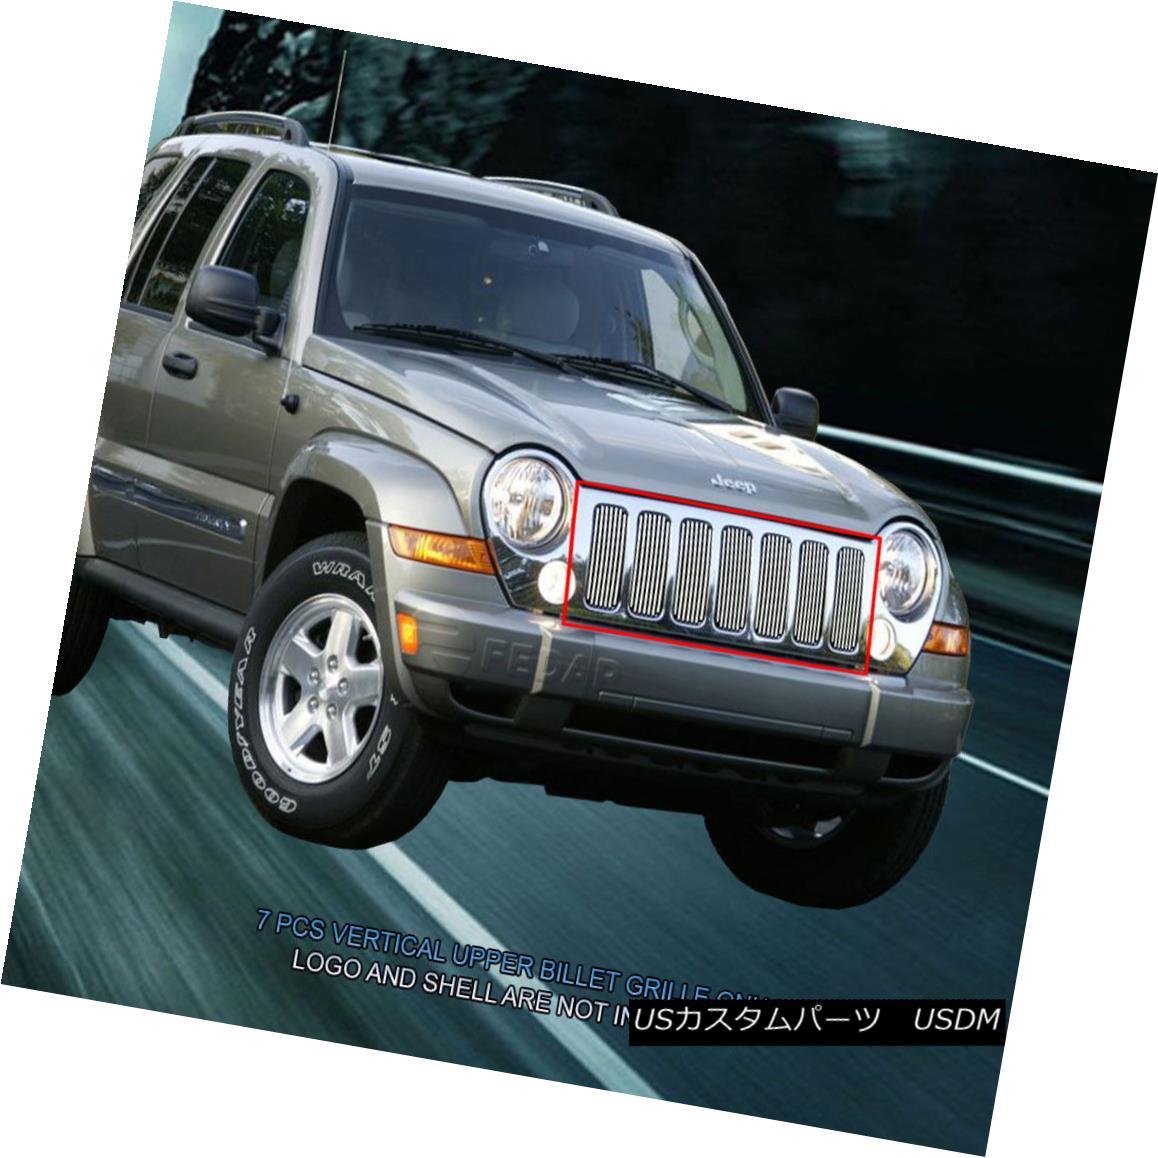 グリル Fits 2005-2007 Jeep Liberty Billet Grille Main Upper Grill Insert Fedar 2005-2007年のジープリバティーに適合するビレットグリルメインアッパーグリルインサートフェルダ